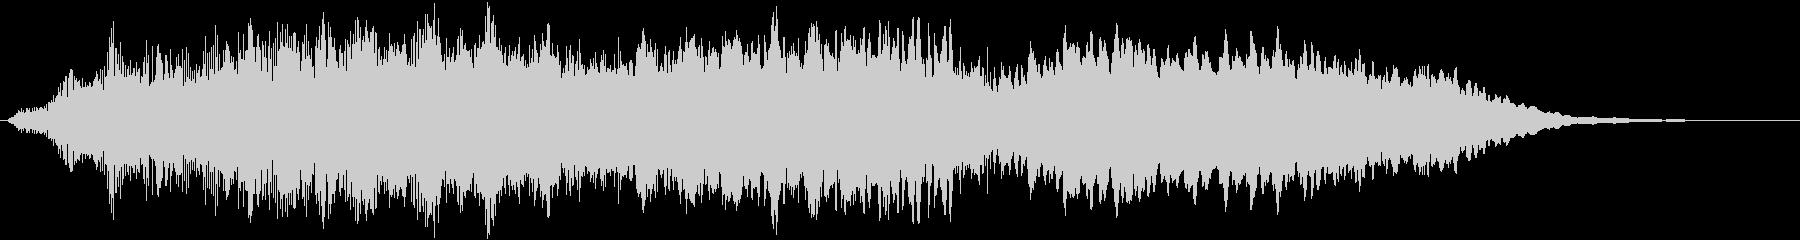 ミューーーーーーンの未再生の波形